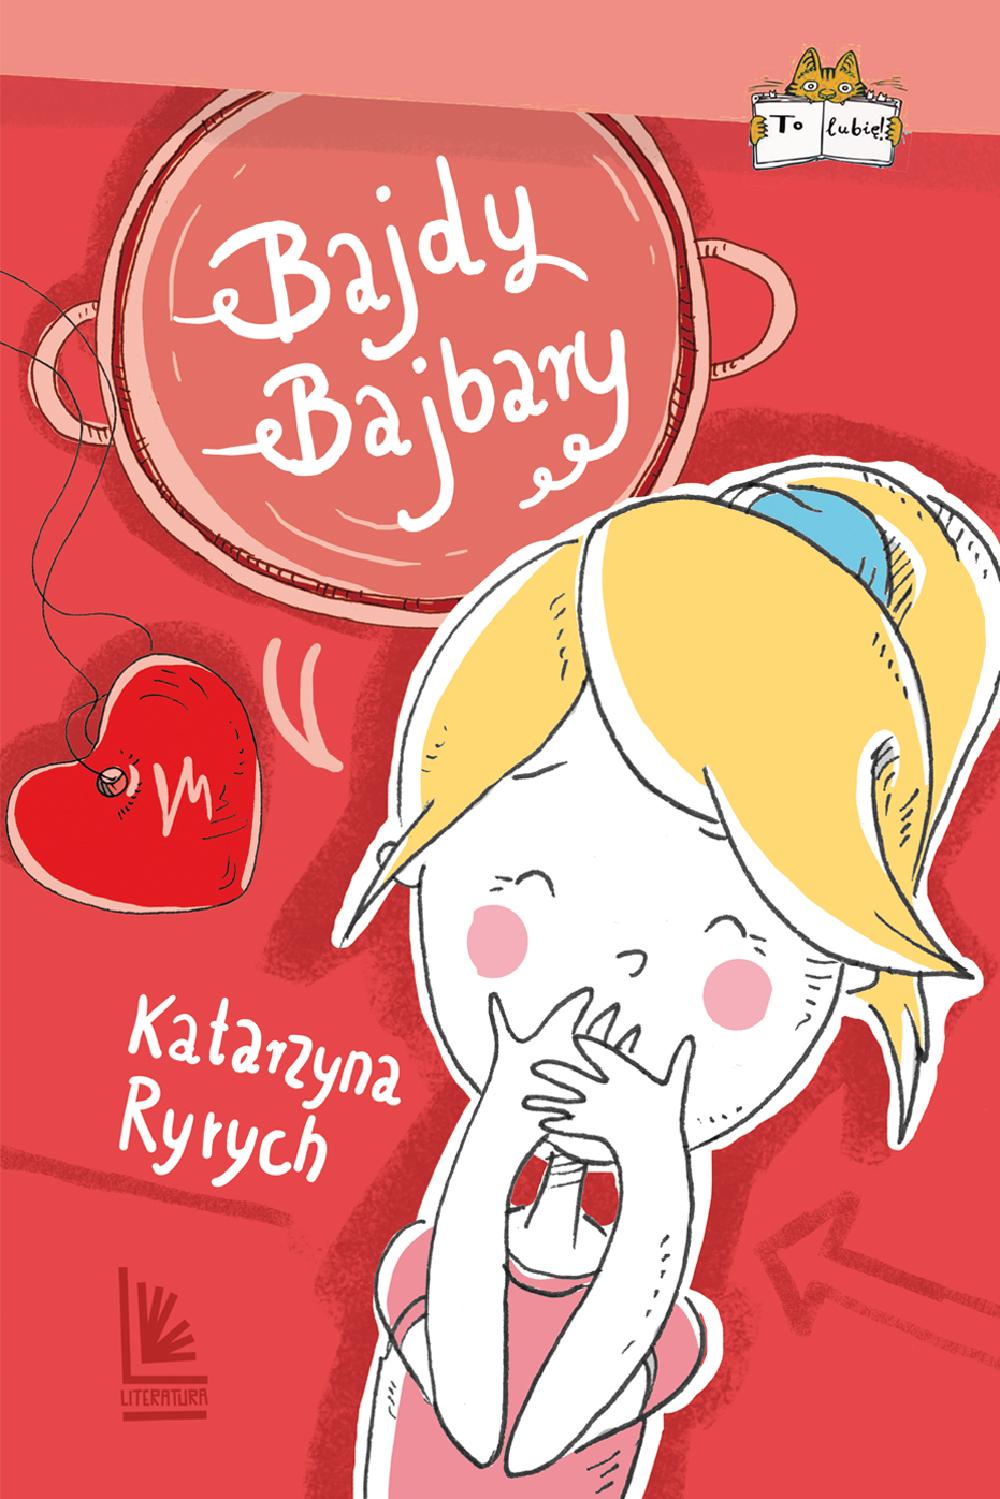 """Katarzyna Ryrych, """"Bajdy Bajbary"""" (źródło: materiały prasowe wydawnictwa)"""